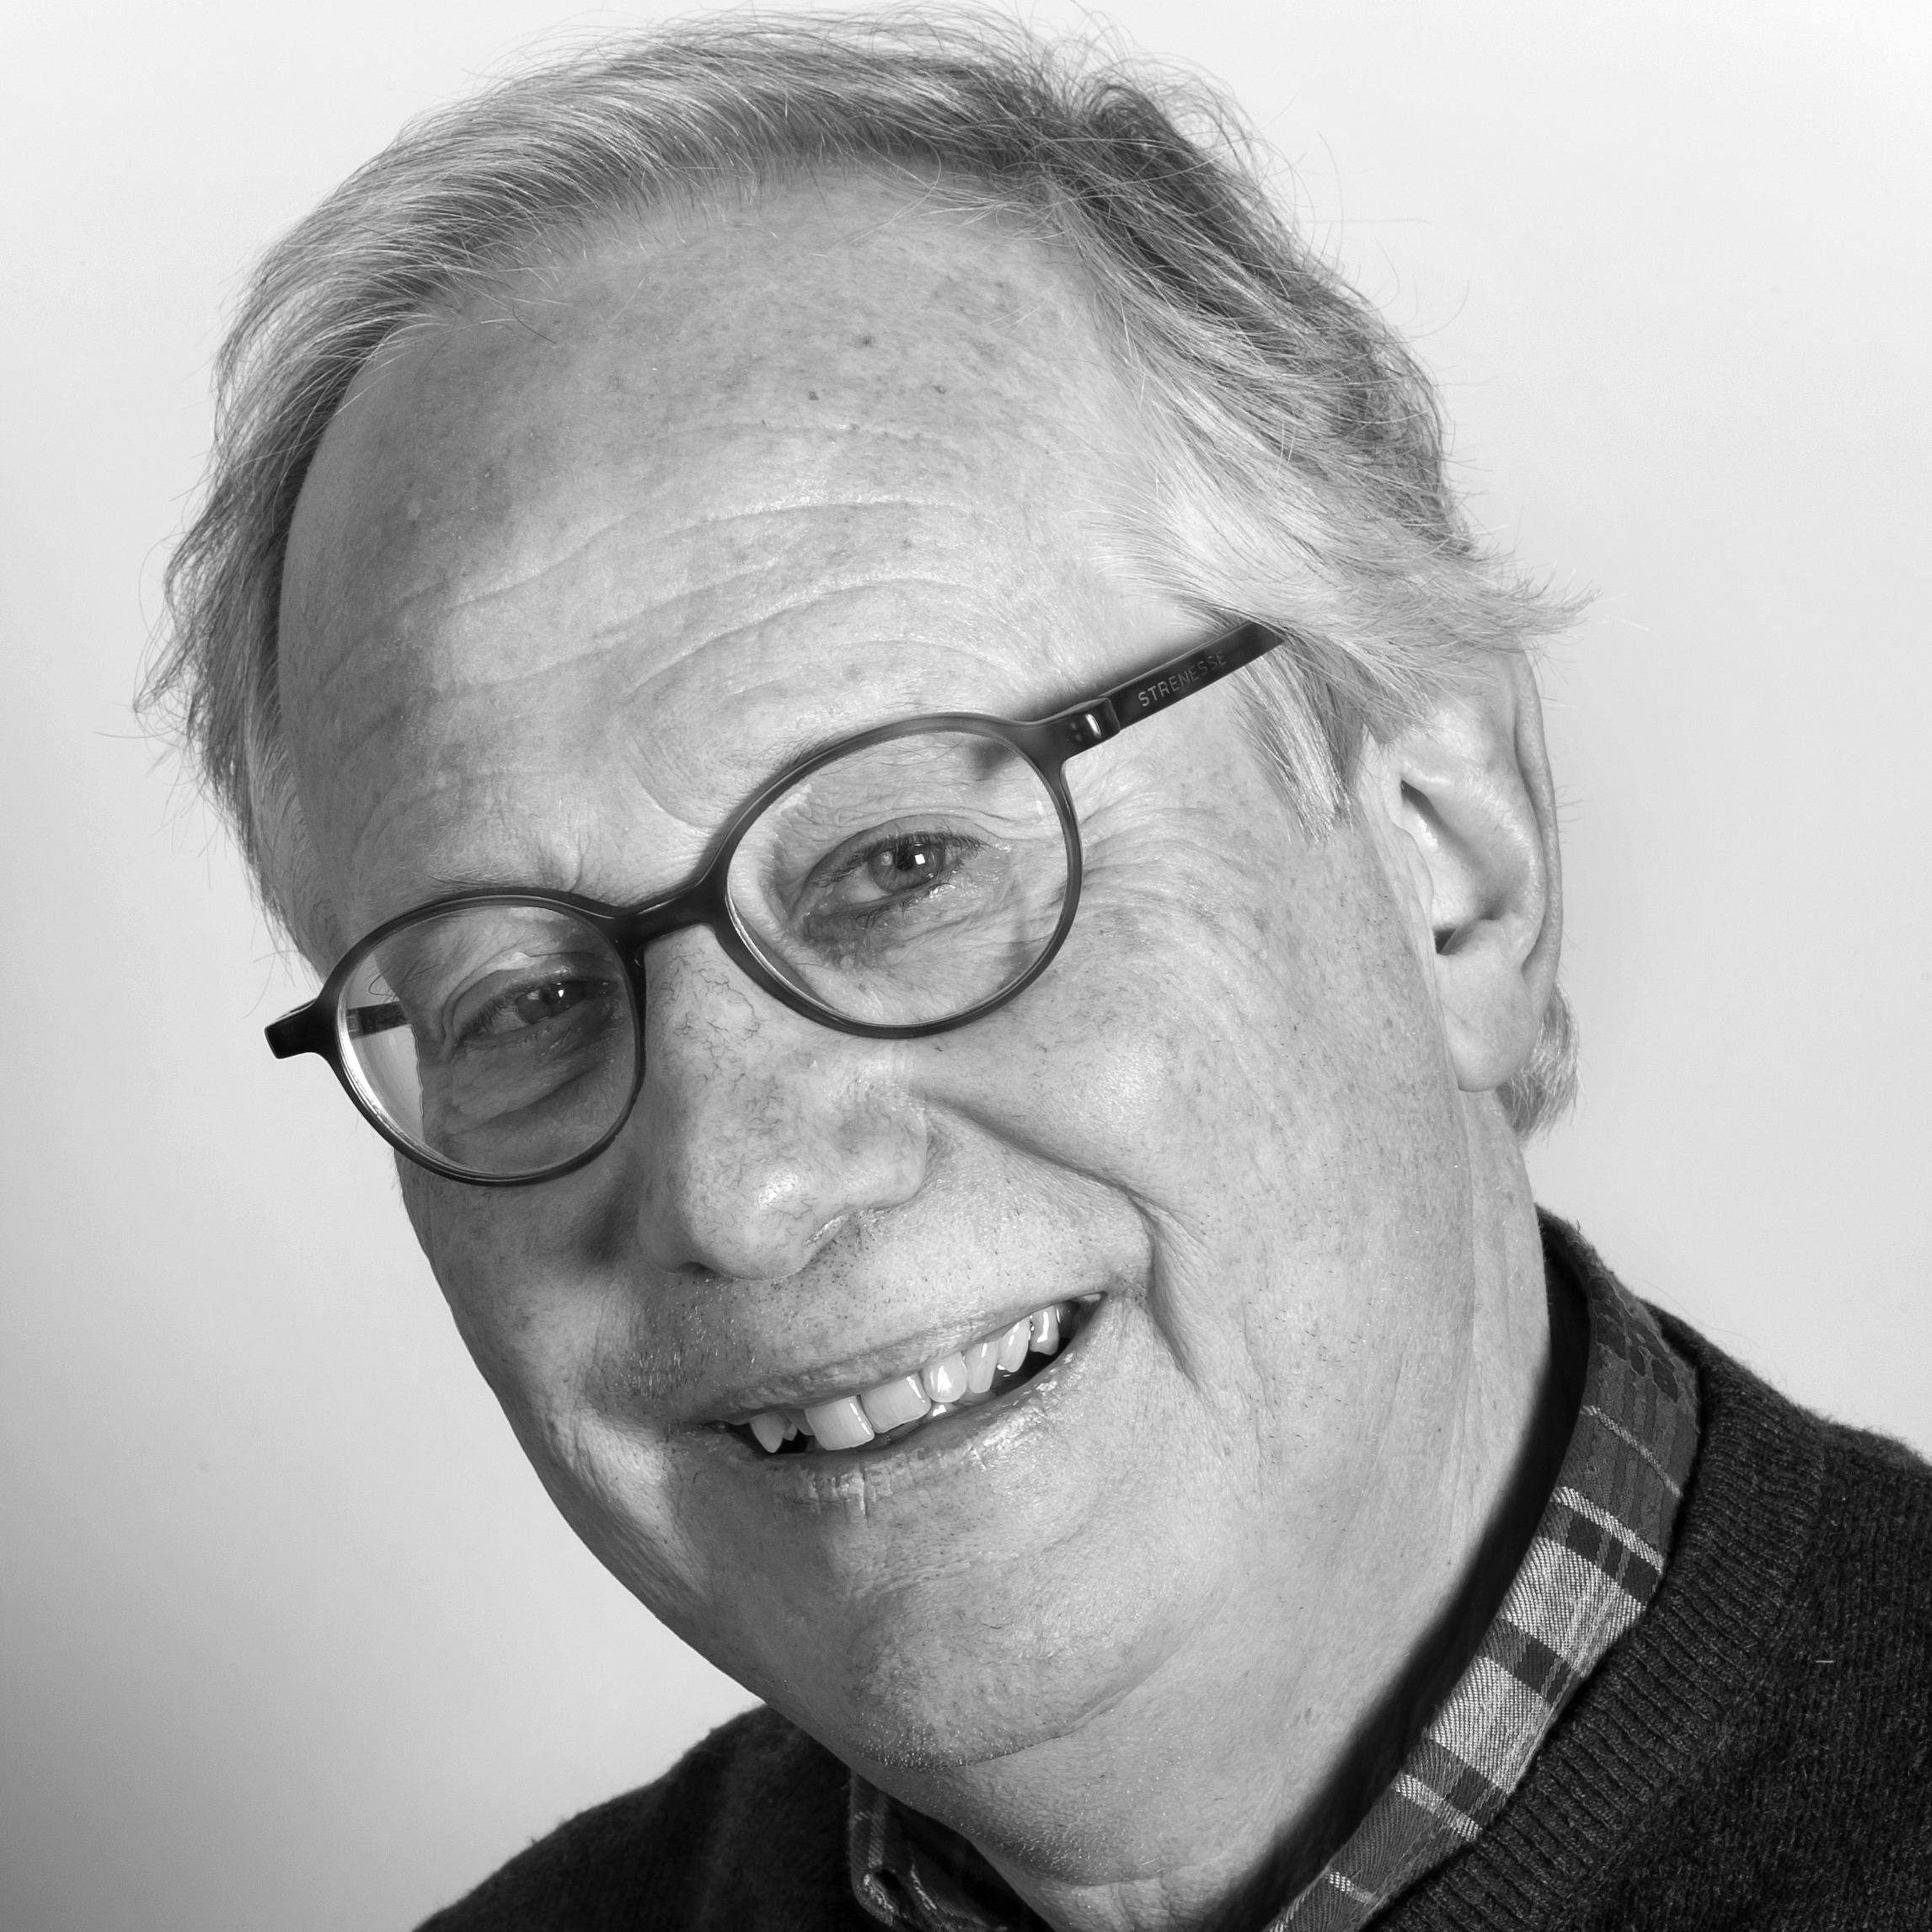 Hubert Menalda van Schouwenburg